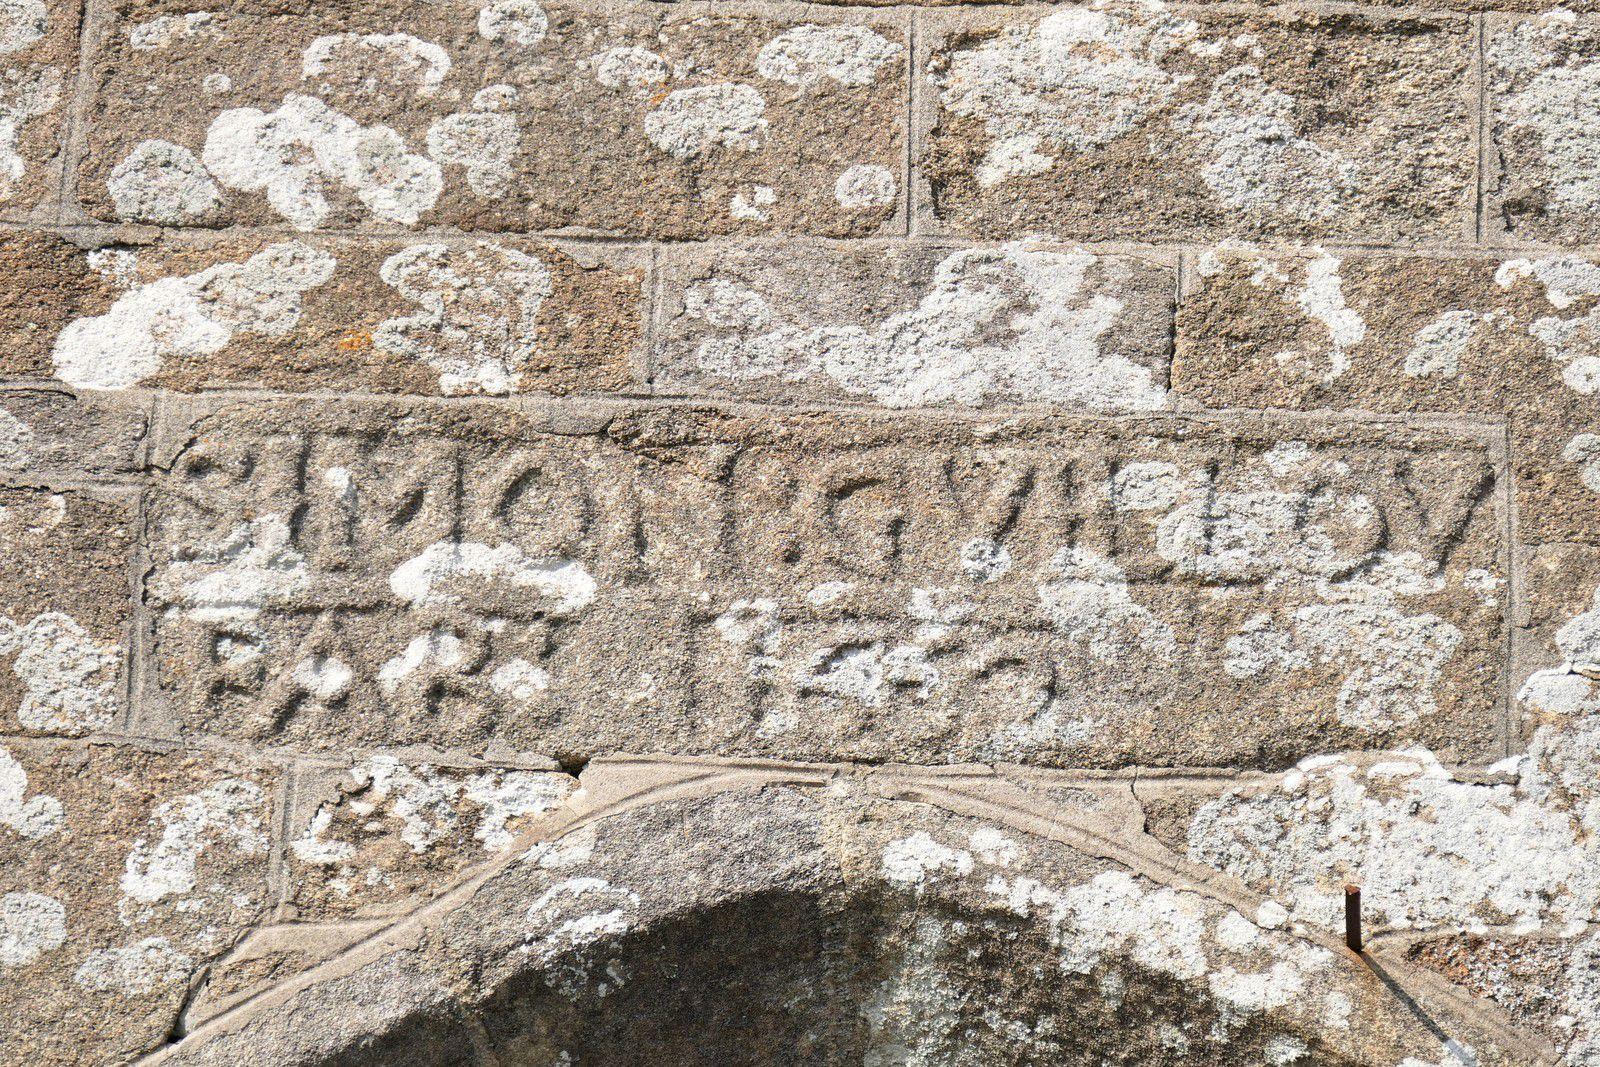 Église Saint-Onneau d'Esquibien. Photographie lavieb-aile juillet 2020.